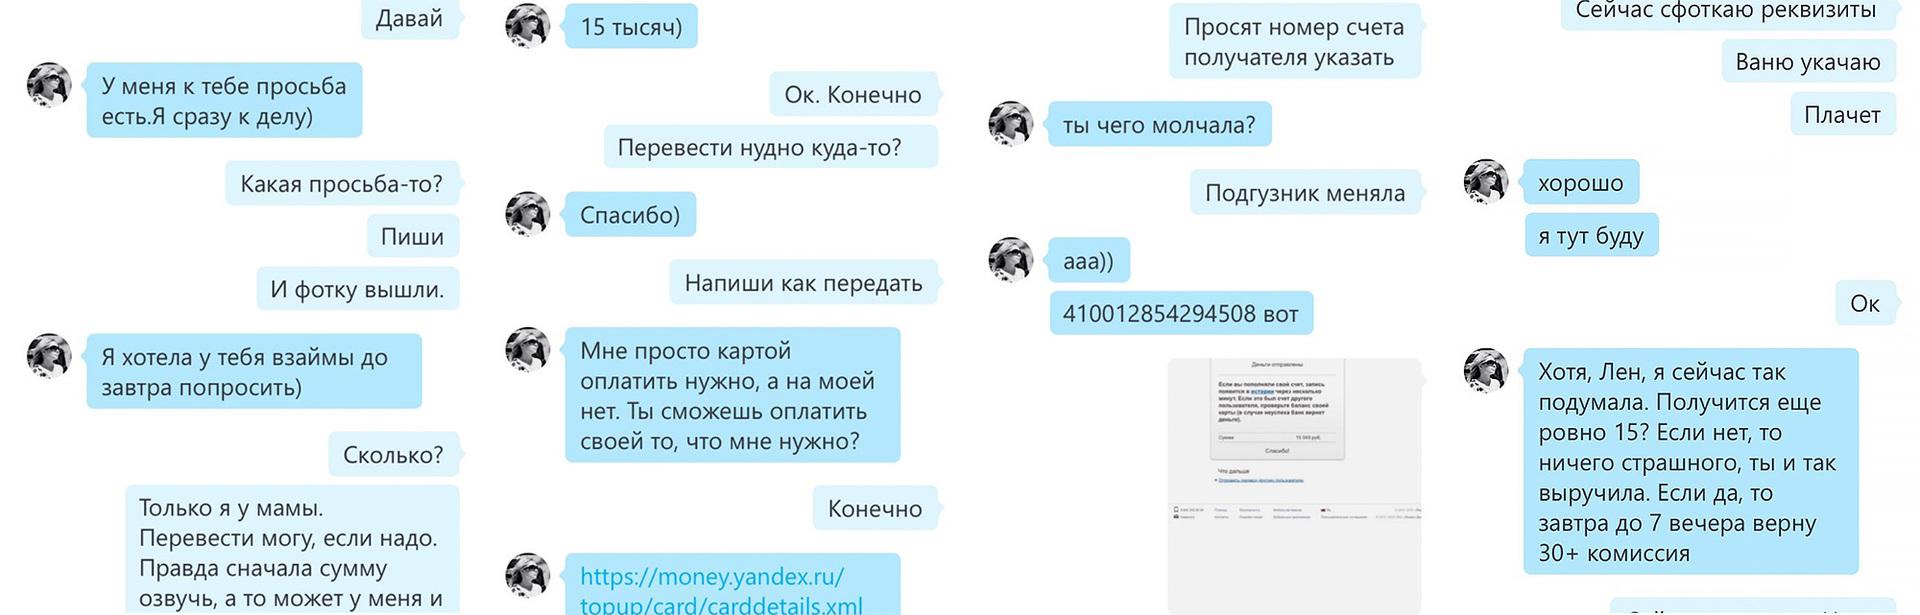 Аккаунты яндекс деньги